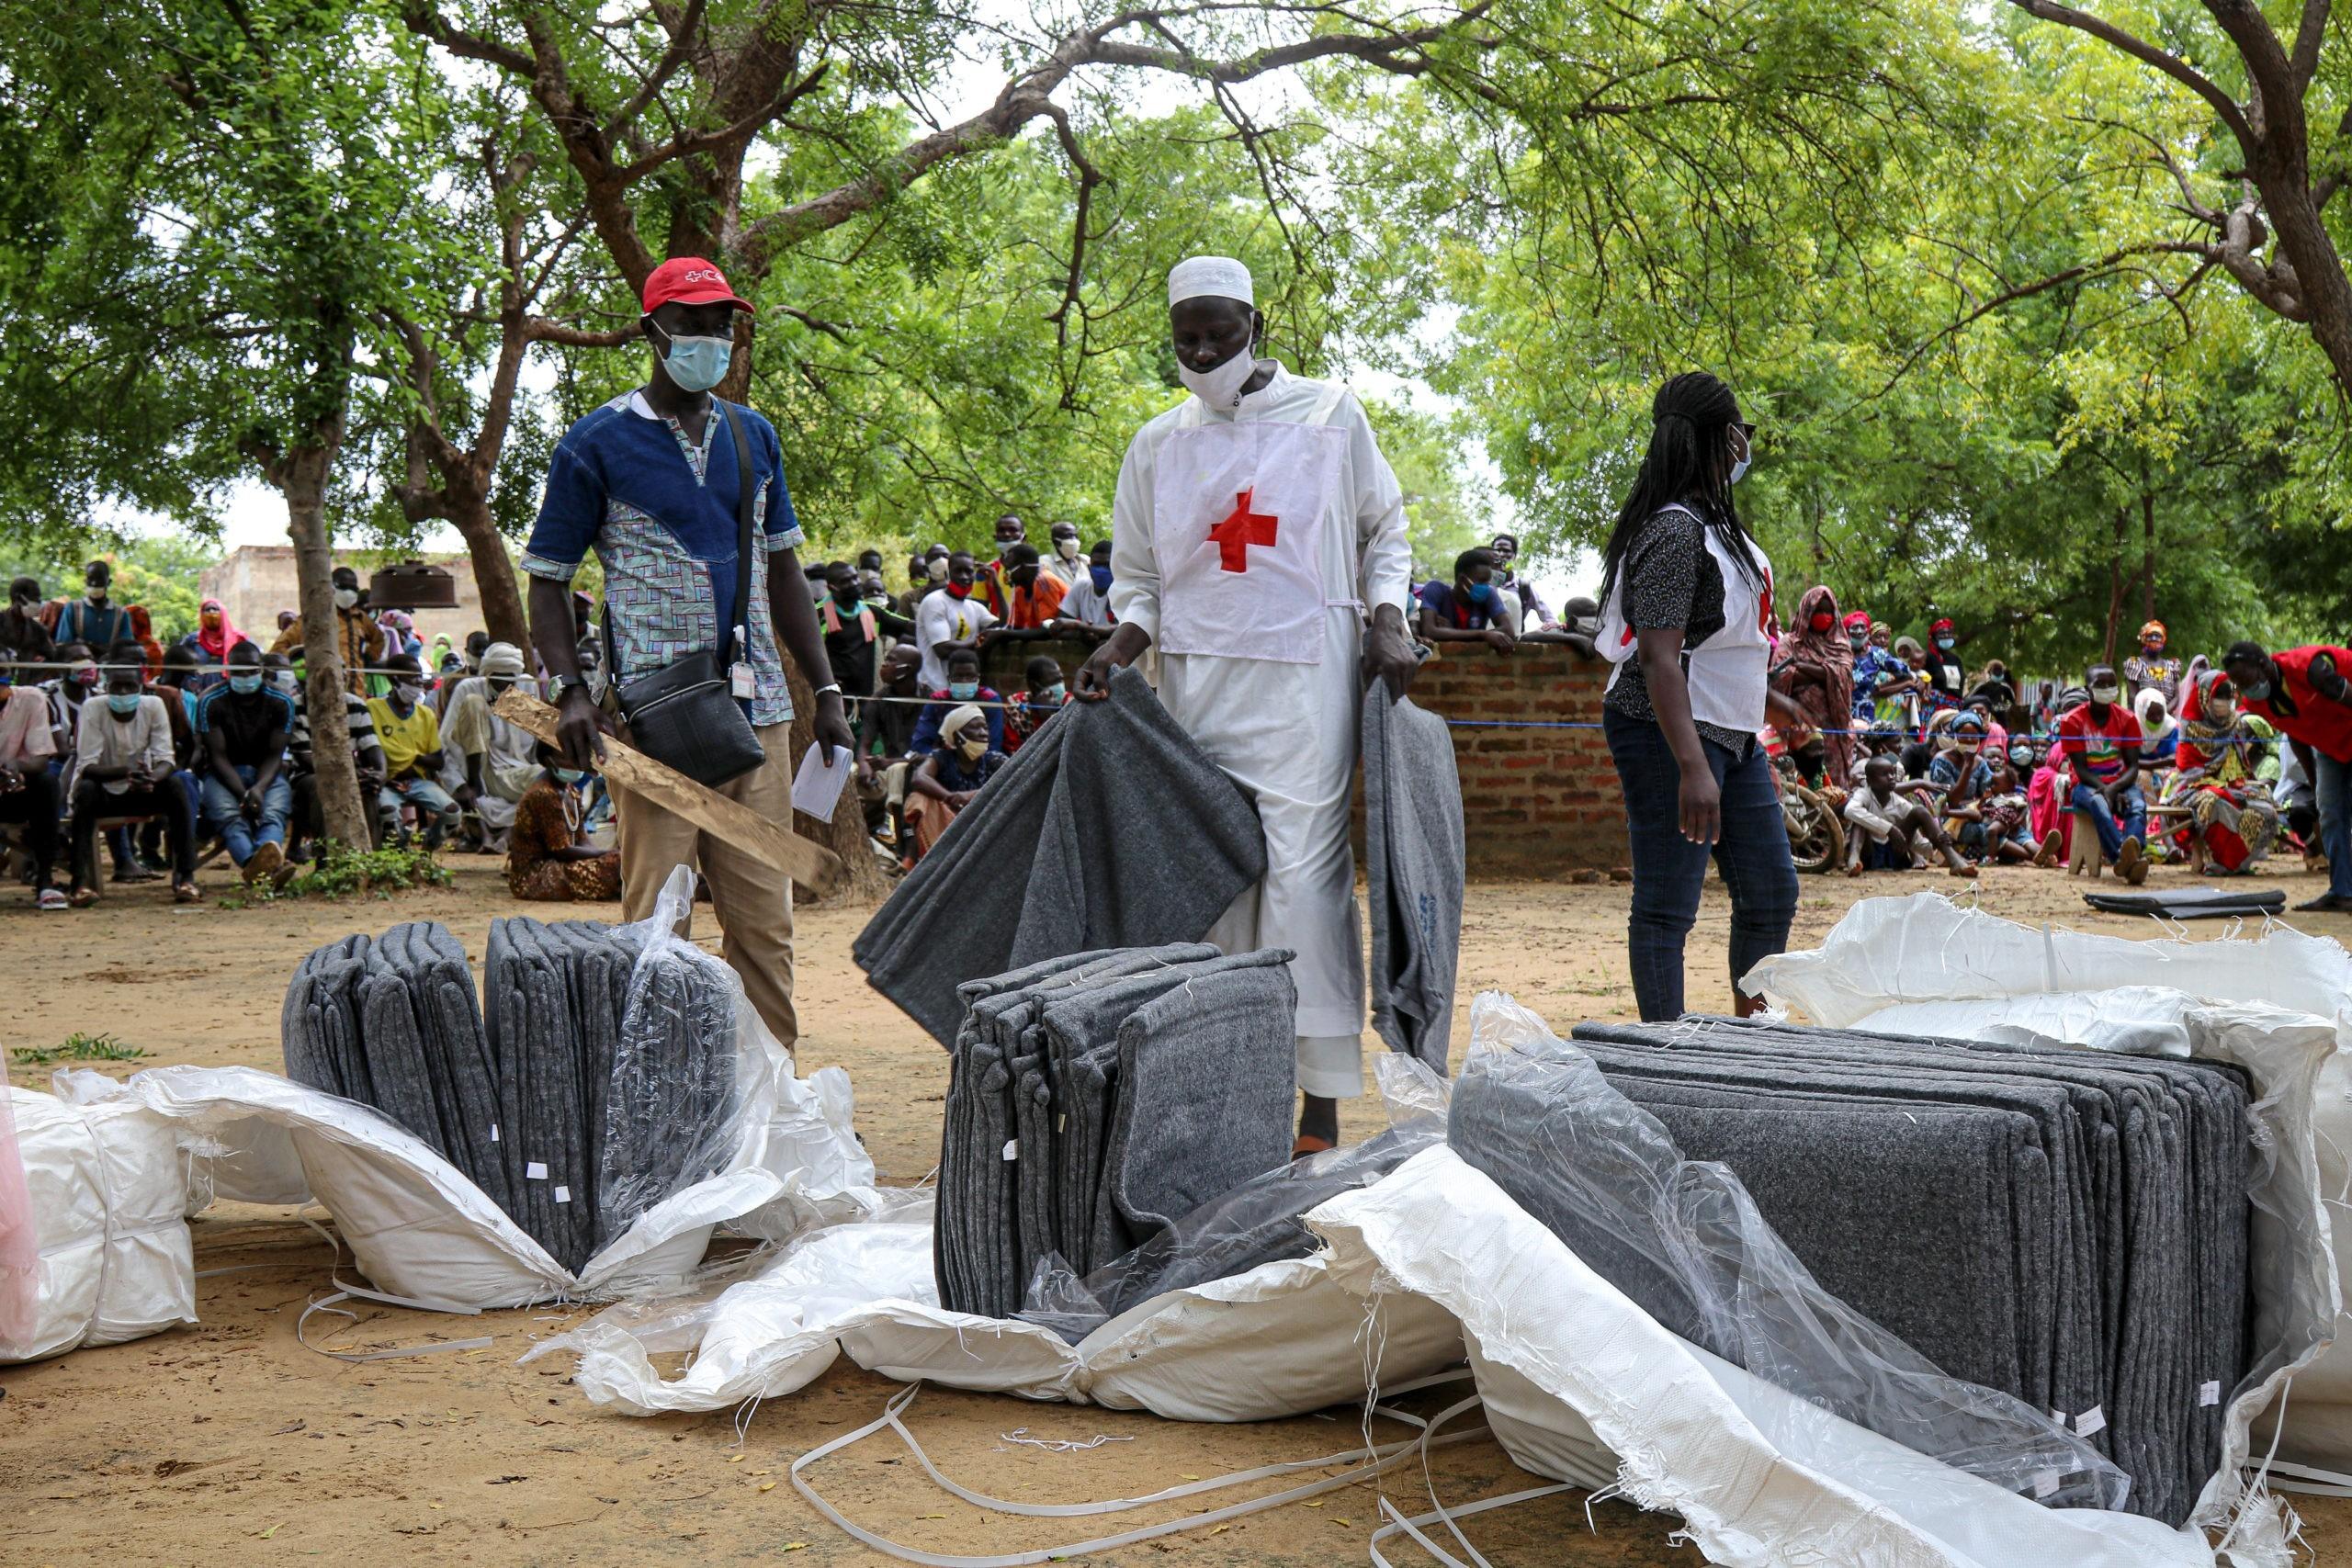 Au sahel, le besoin humanitaire croit avec le déplacement des populations